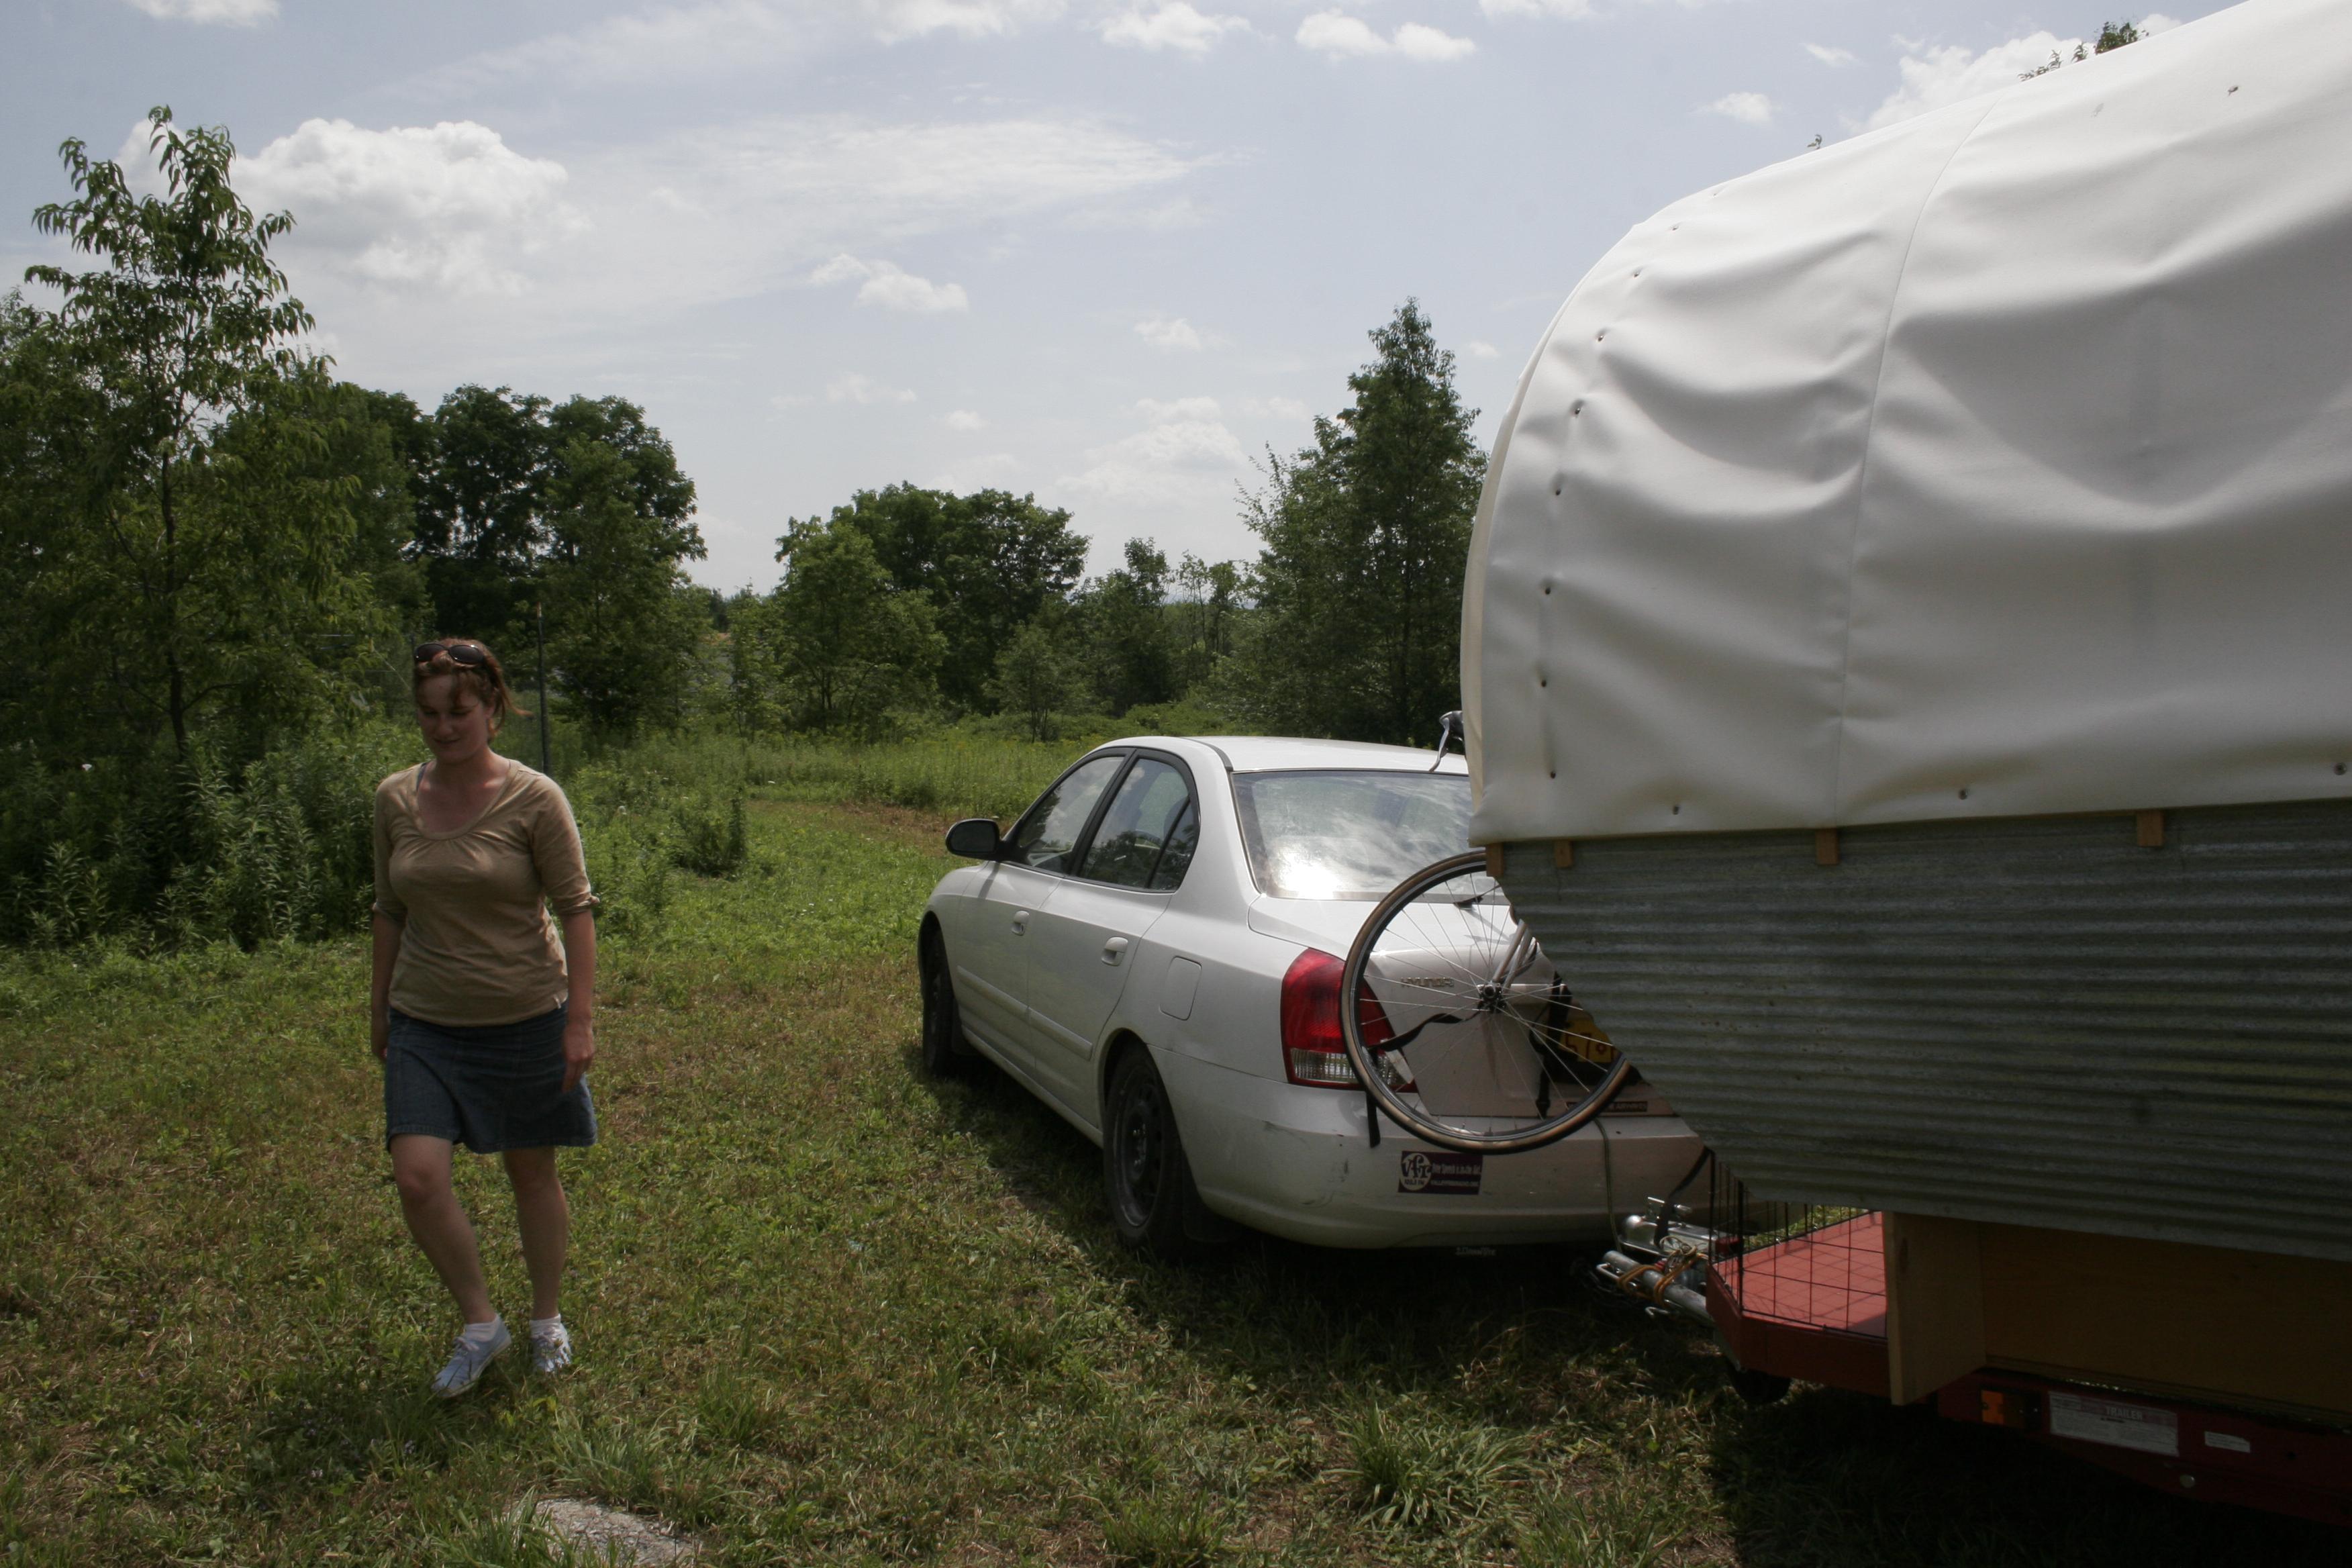 The Gyspy Wagon Arrives